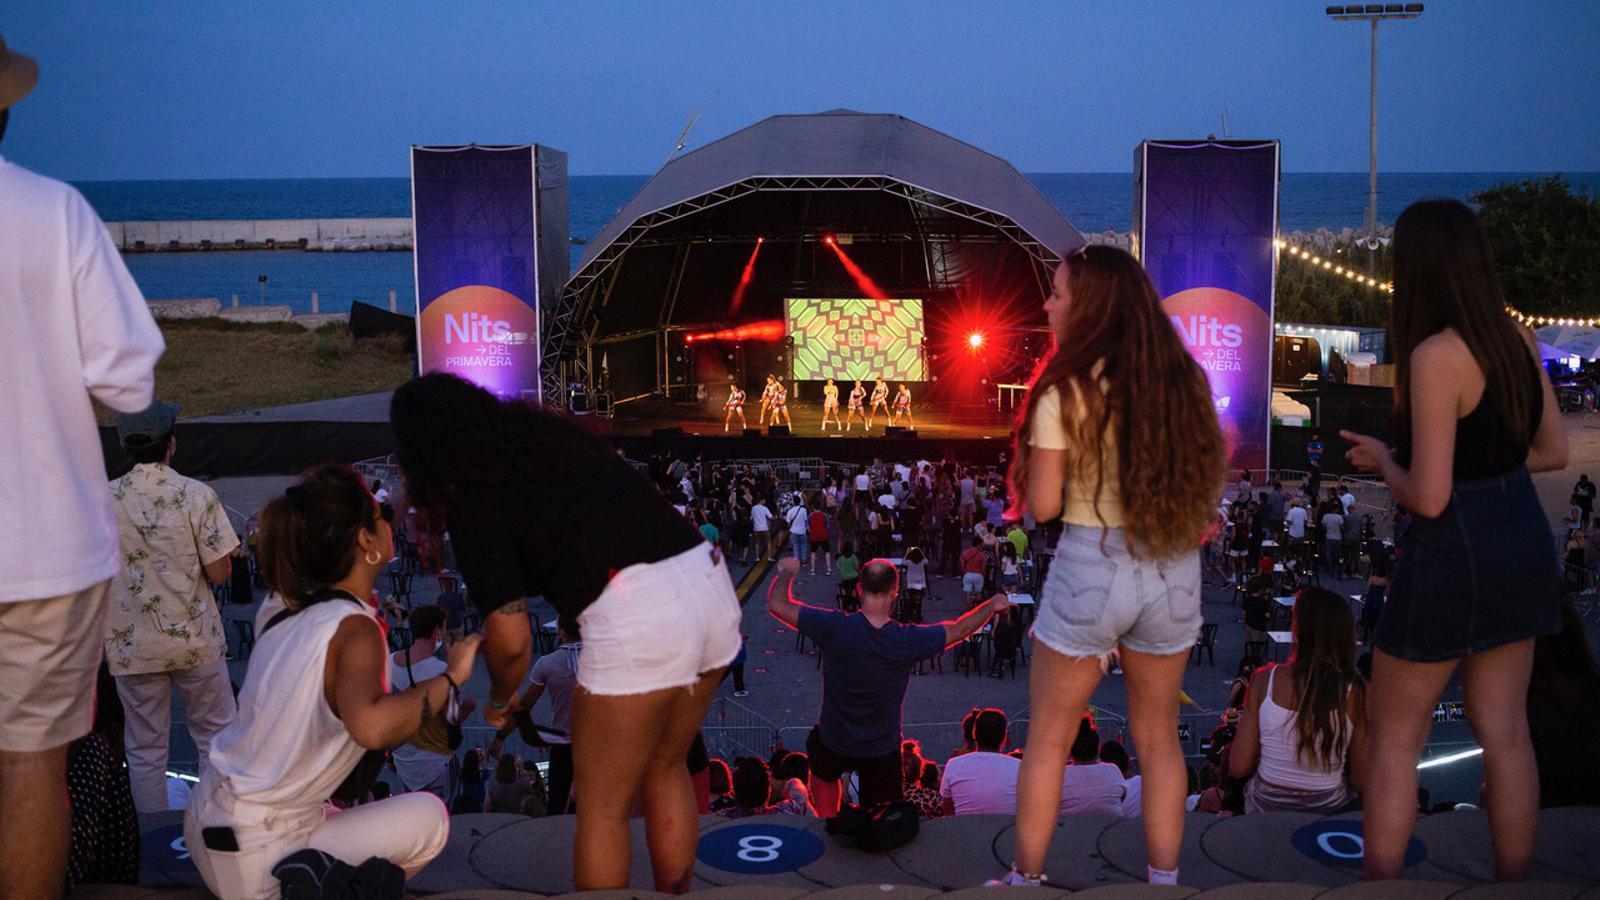 Aspecte del Parc del Fòrum durant el concert de Mala Rodríguez